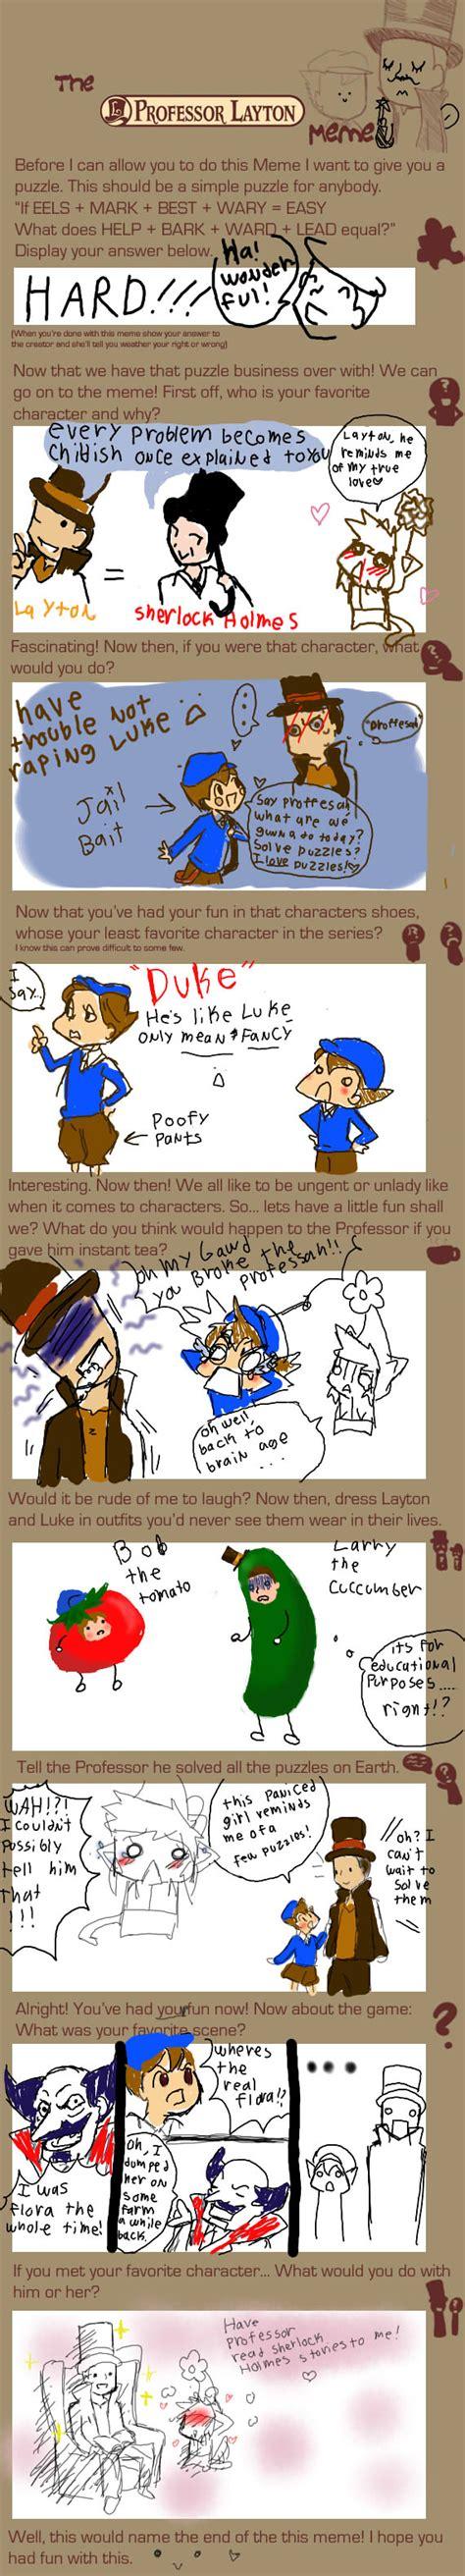 Professor Layton Meme - professor layton meme by cream filled ichigo on deviantart